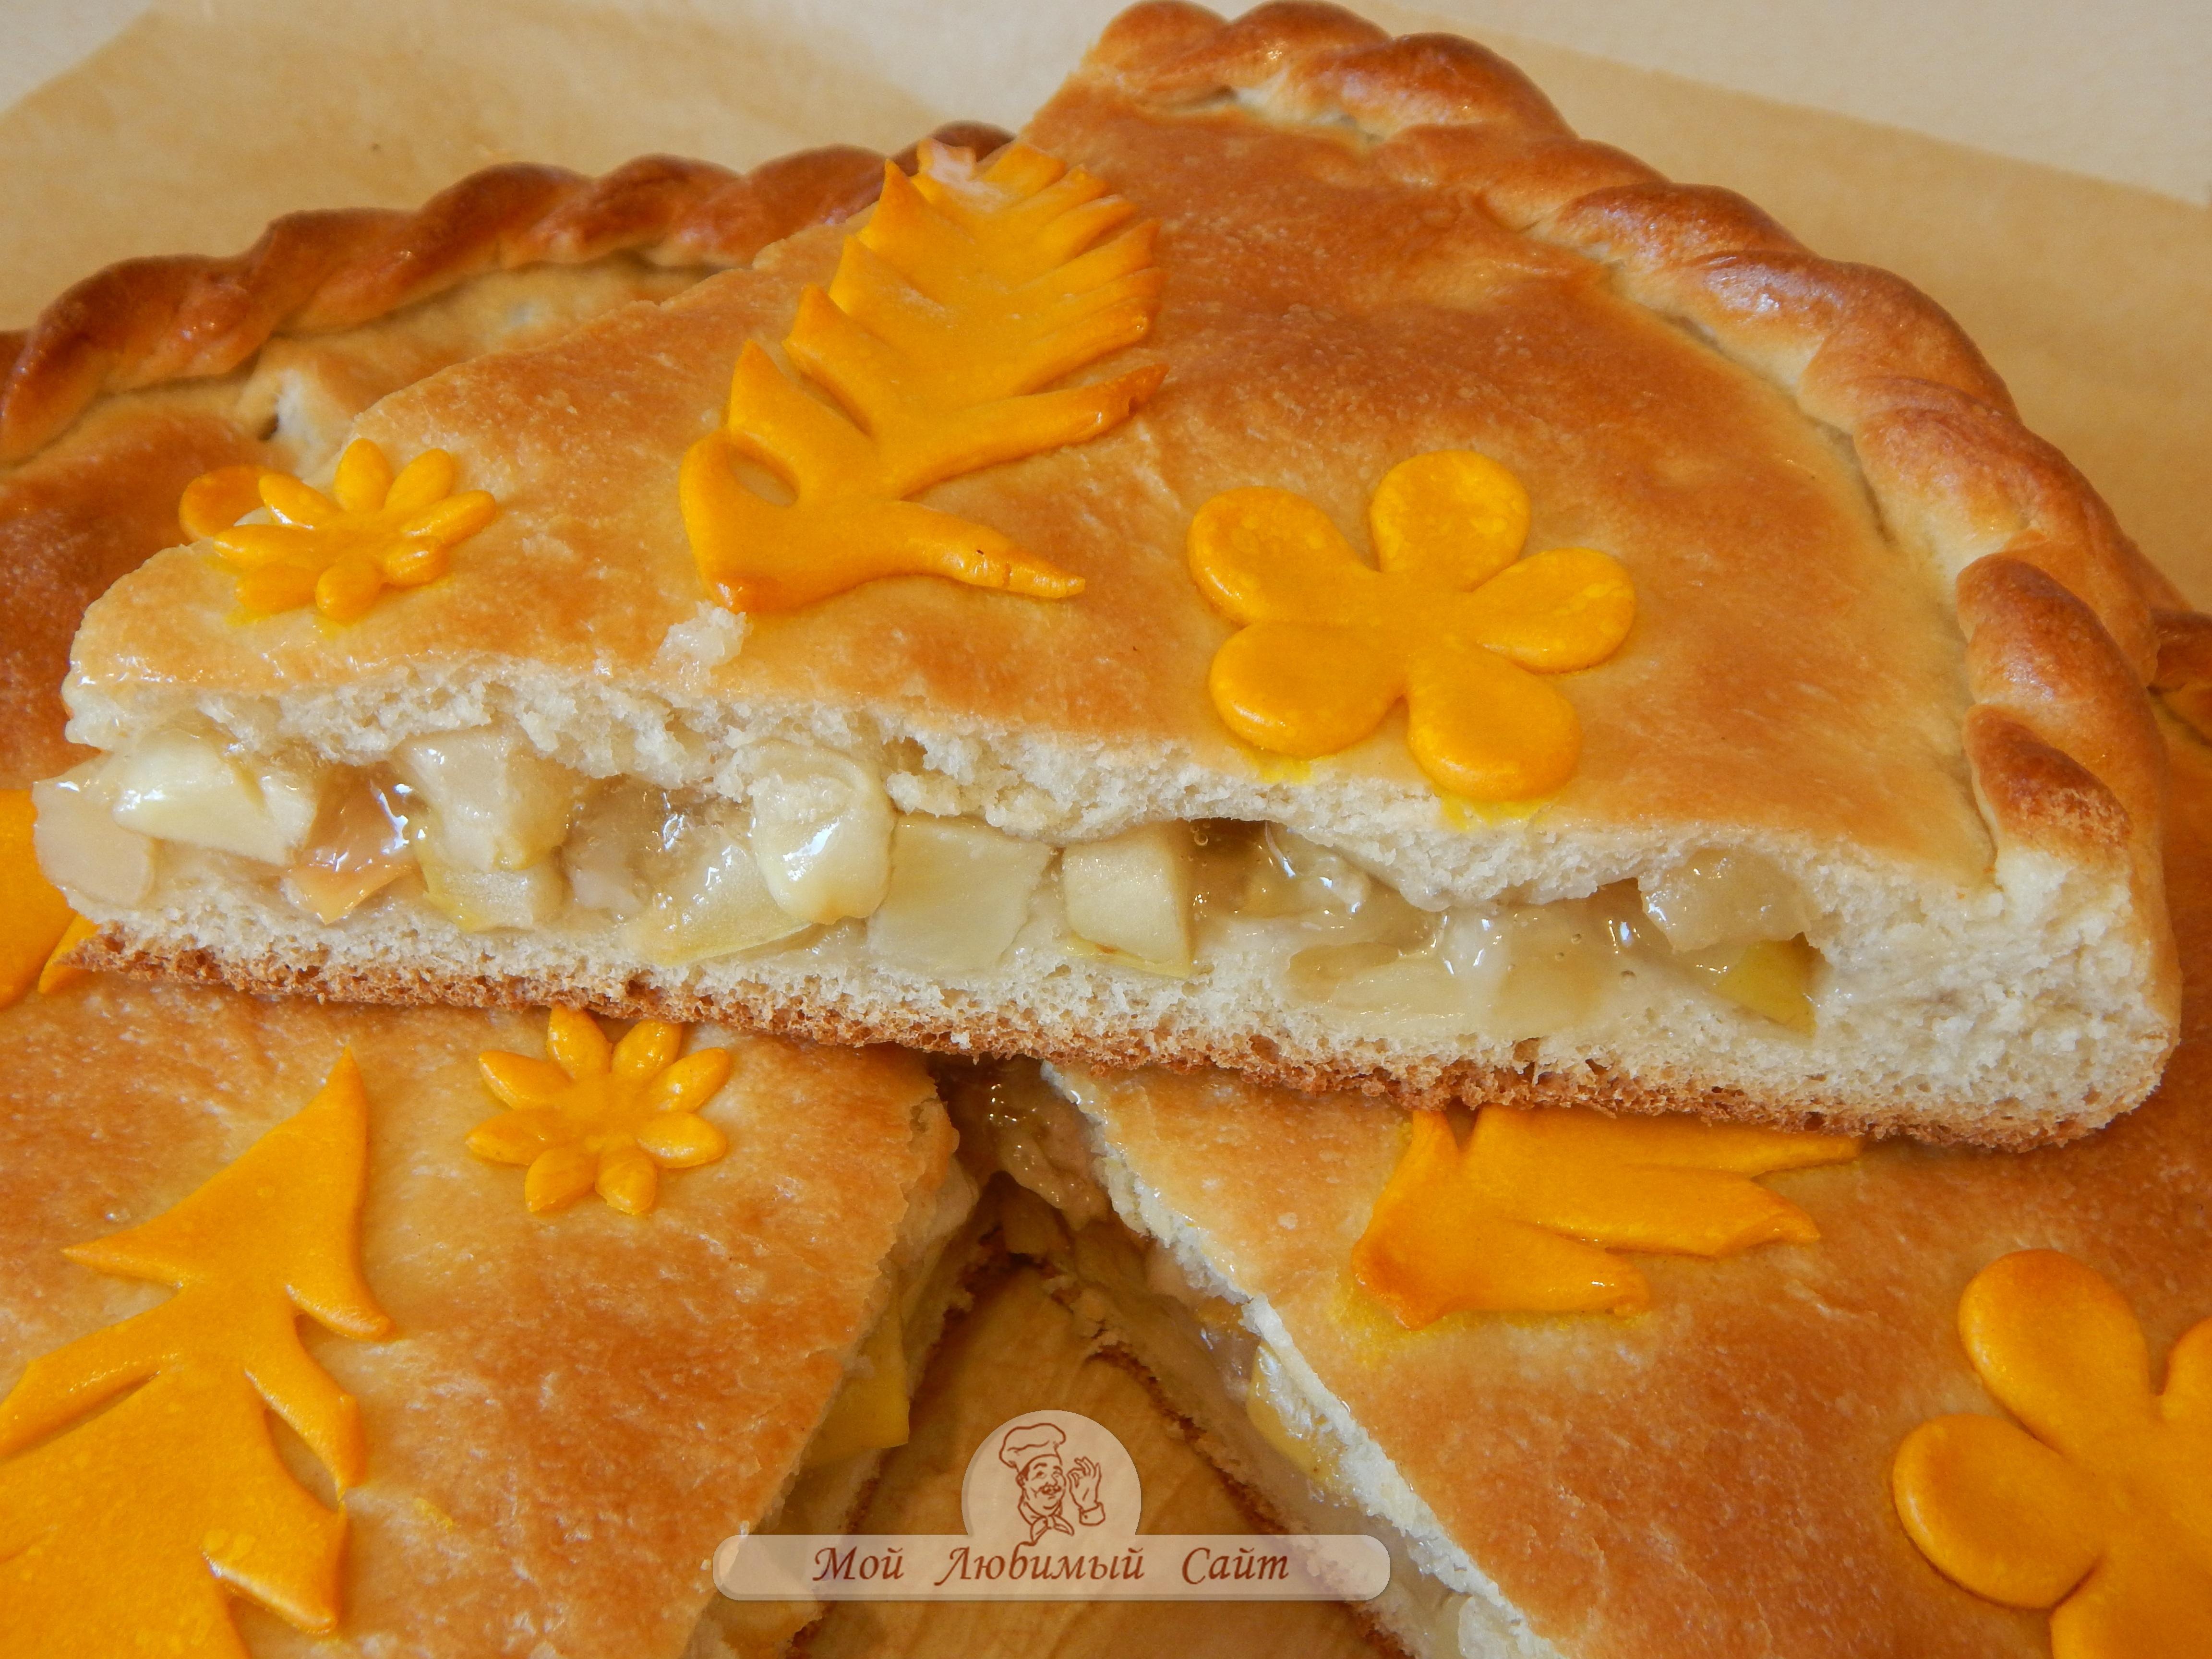 Дрожжевой пирог с яблоками рецепт с пошагово в духовке